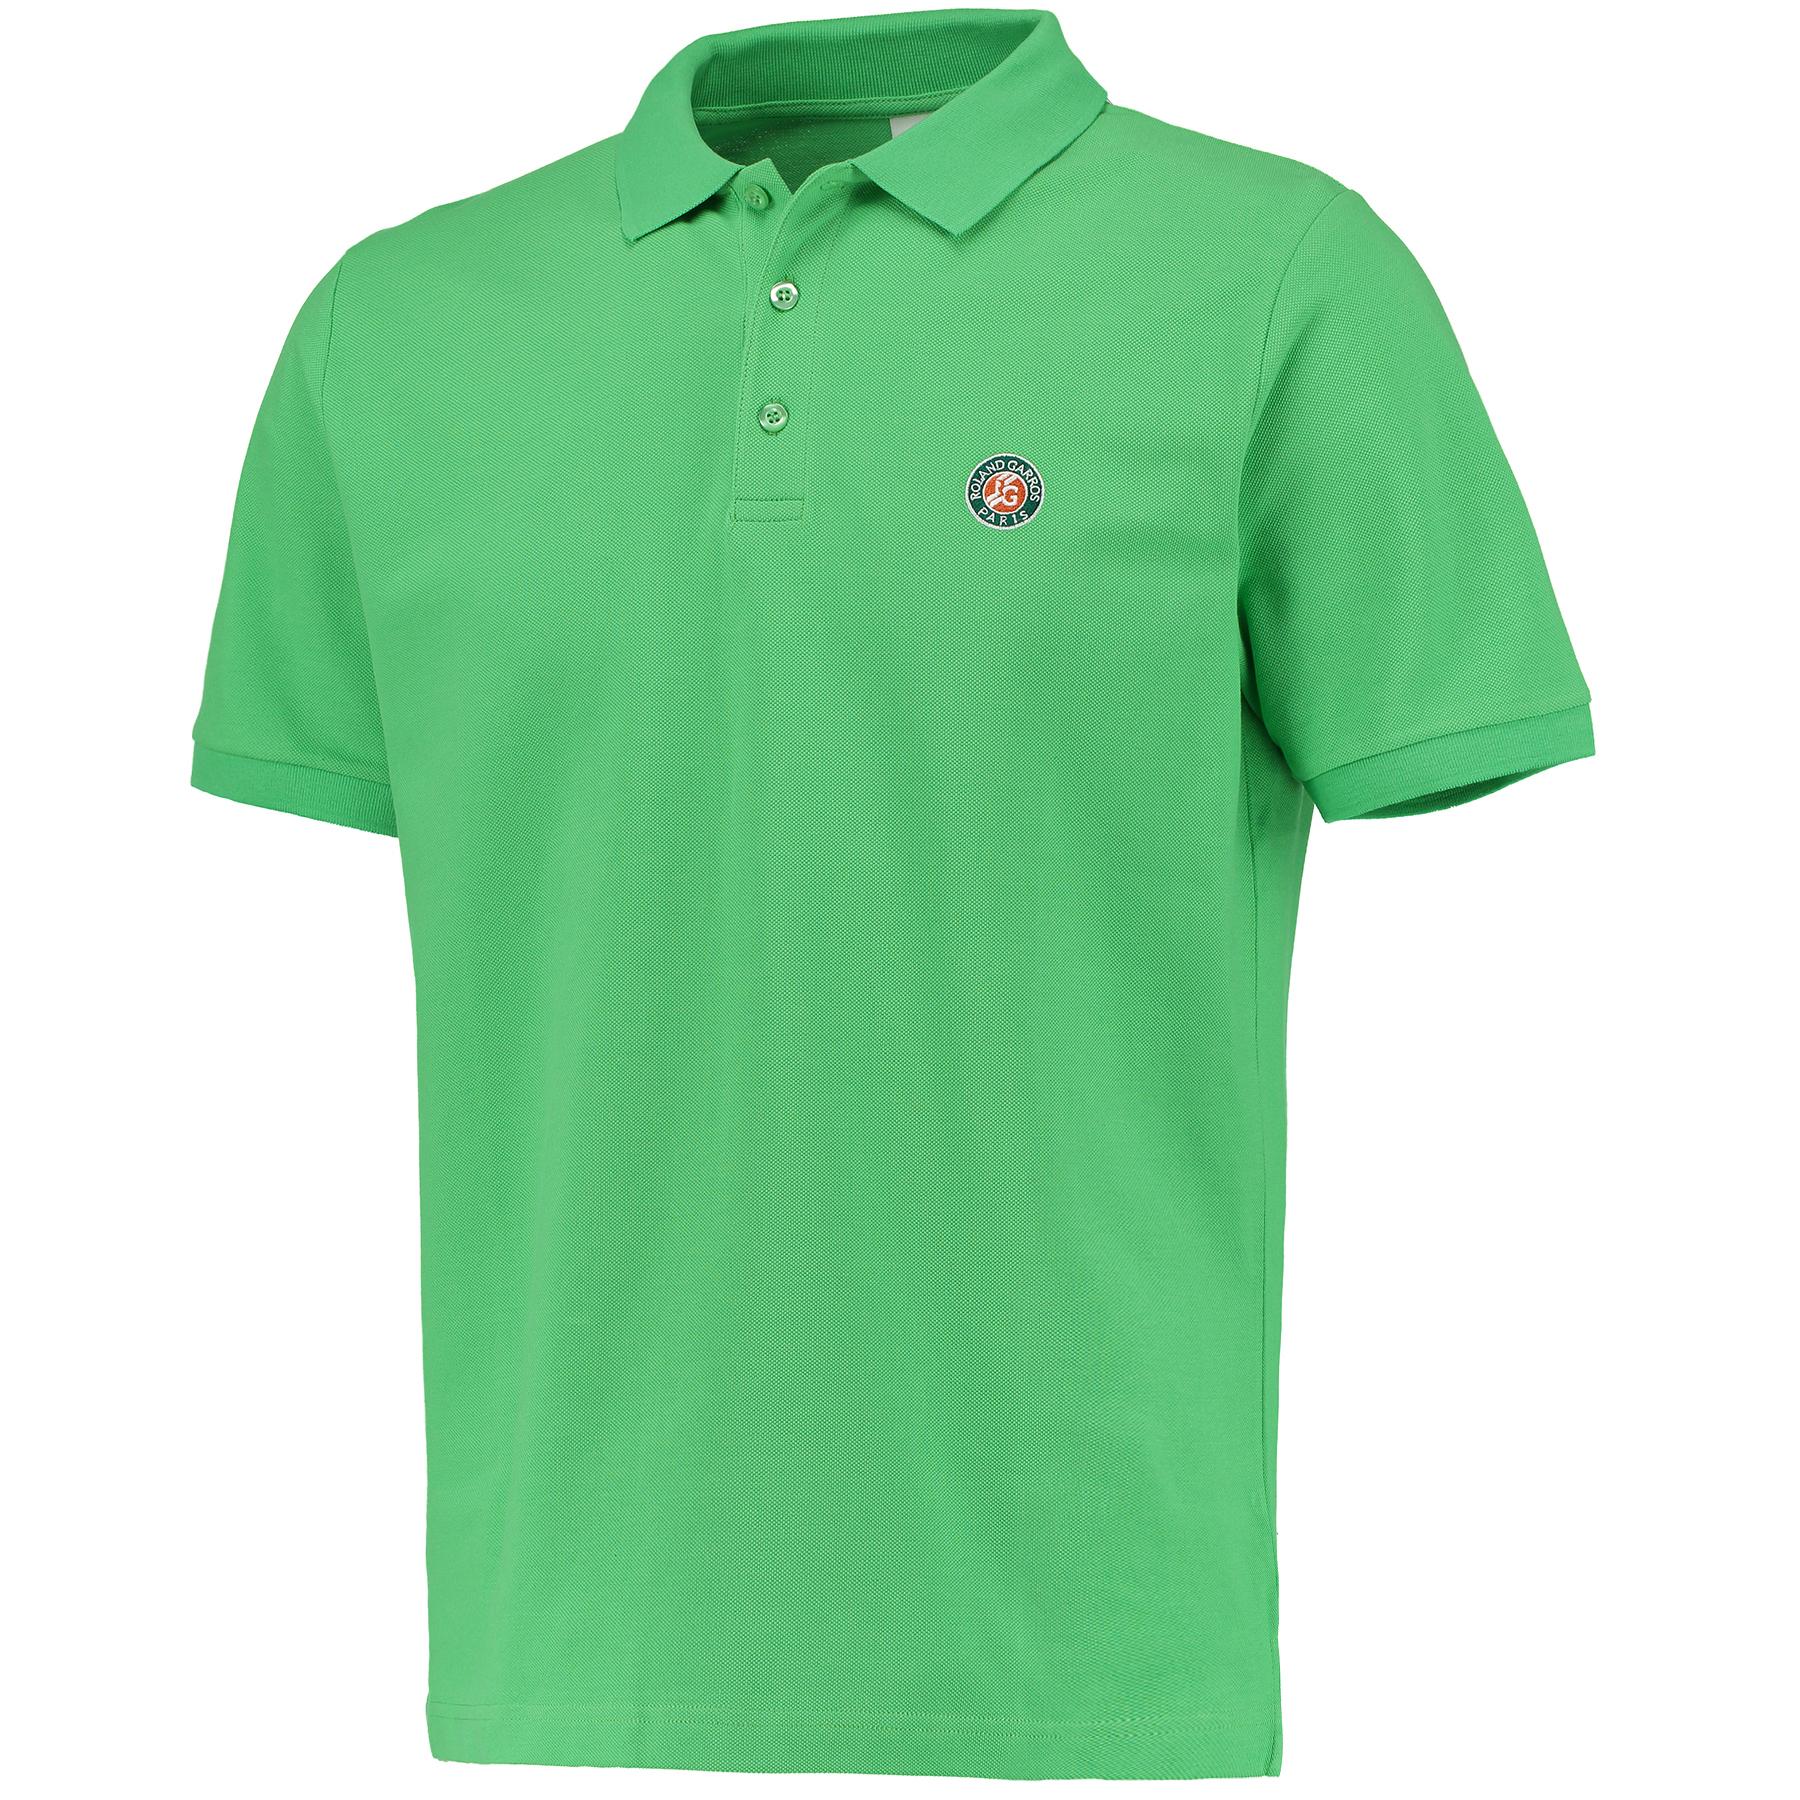 Roland-Garros Island Polo - Mens Green